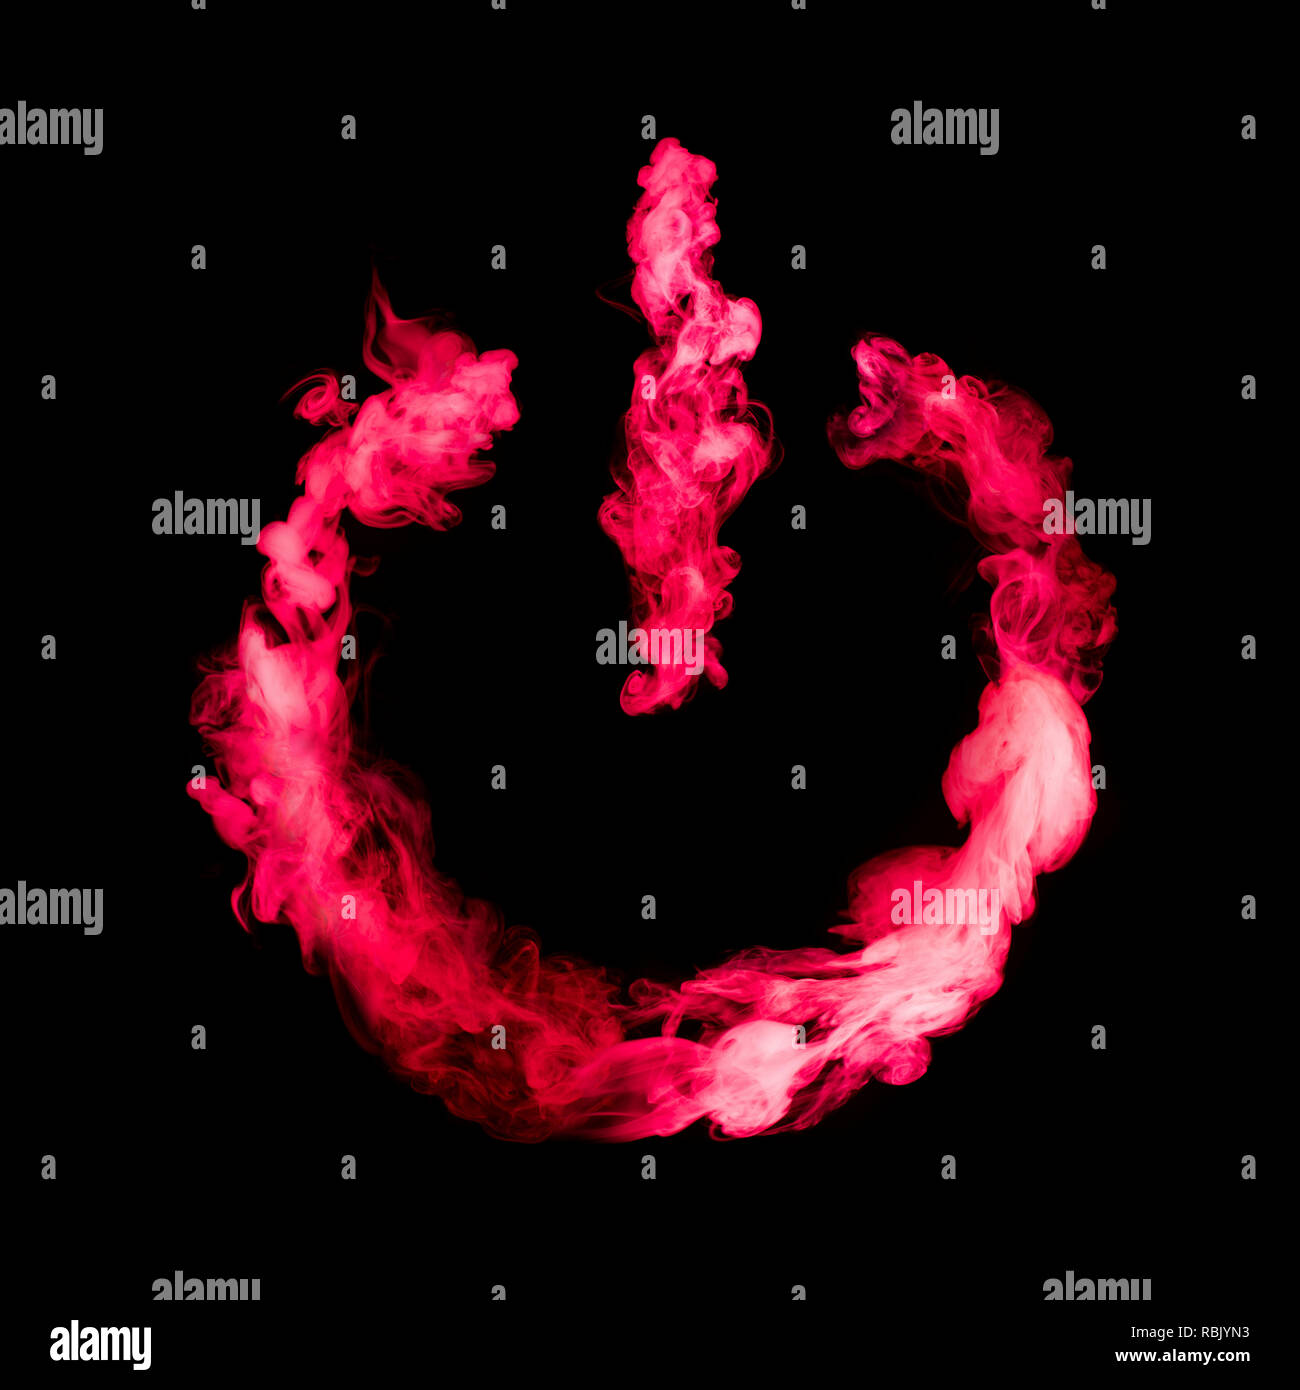 Desactivar el botón de signo de humo de color rojo sobre fondo negro aislado Imagen De Stock